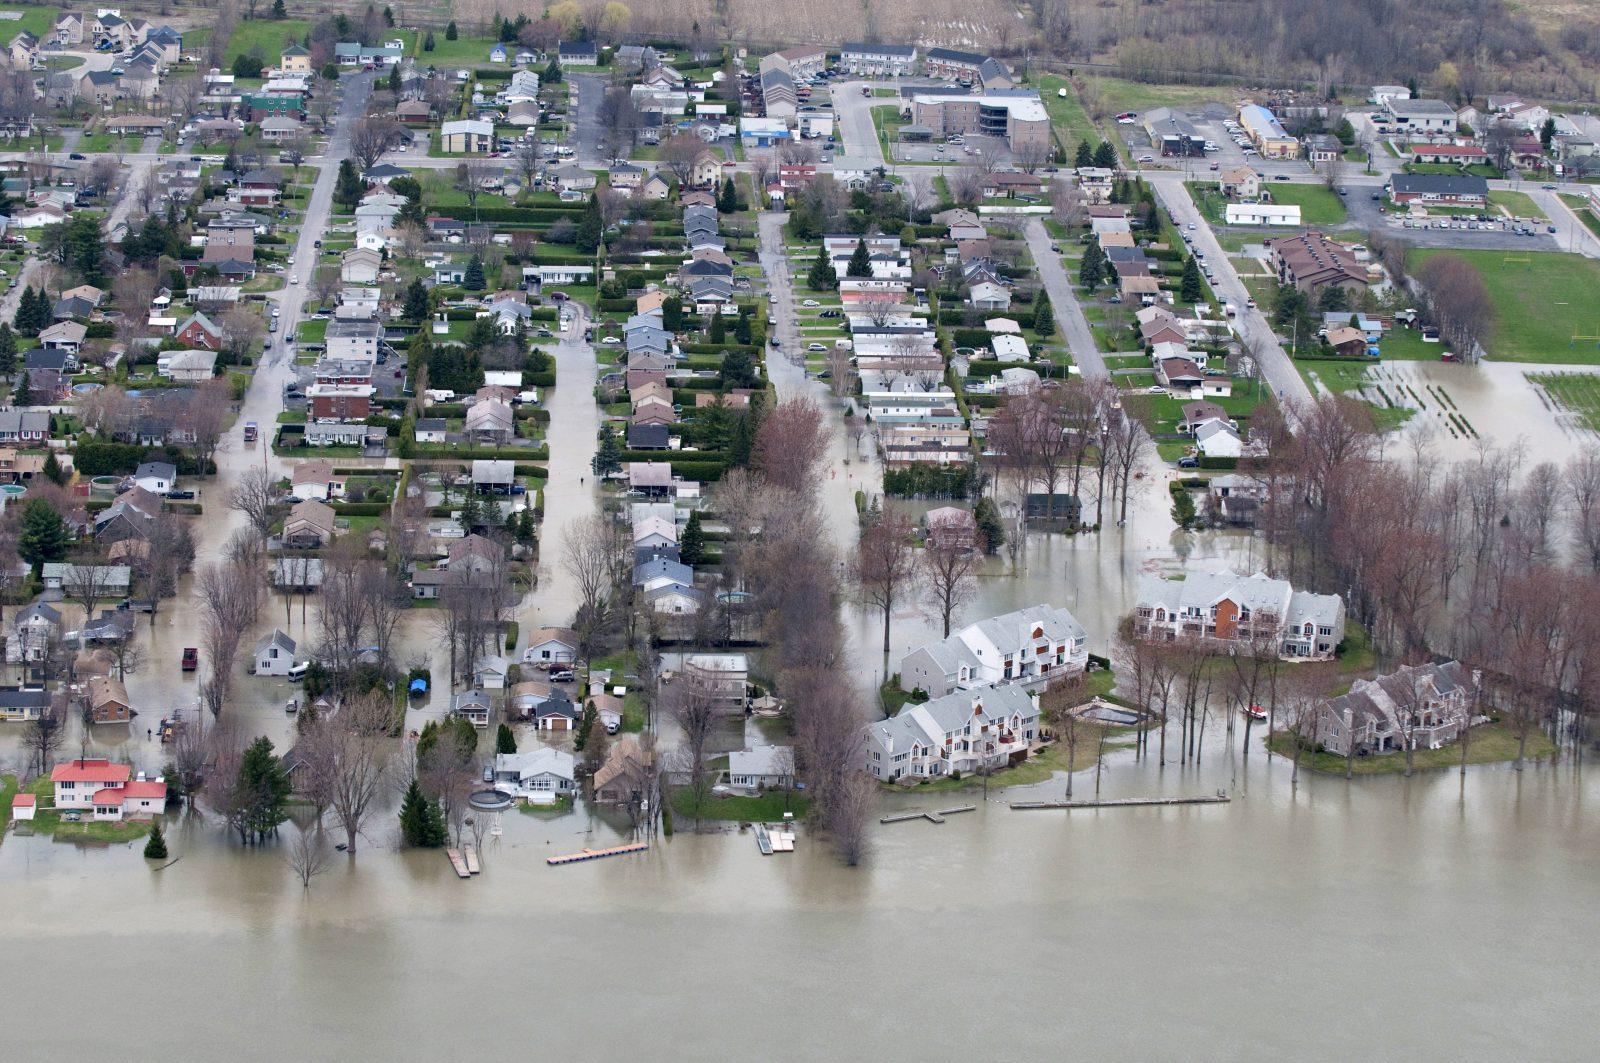 Retour sur les inondations historiques de 2011